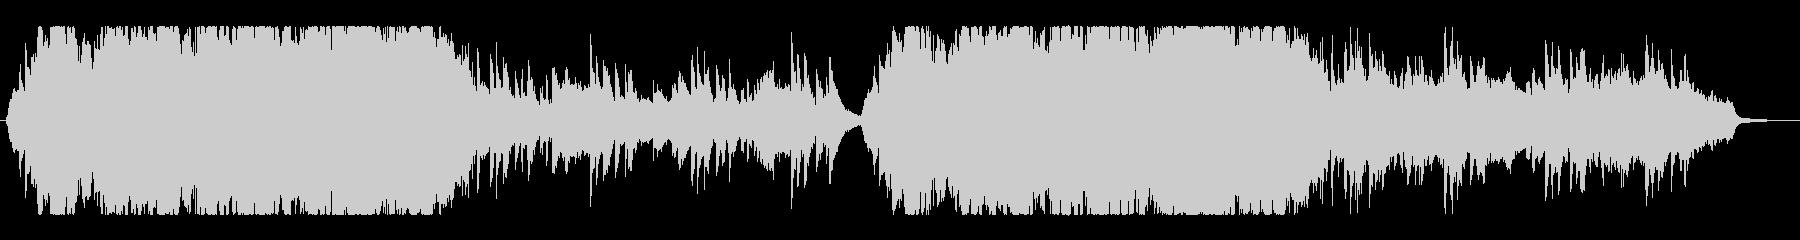 プロ制作による高級感のあるオーケストラ曲の未再生の波形